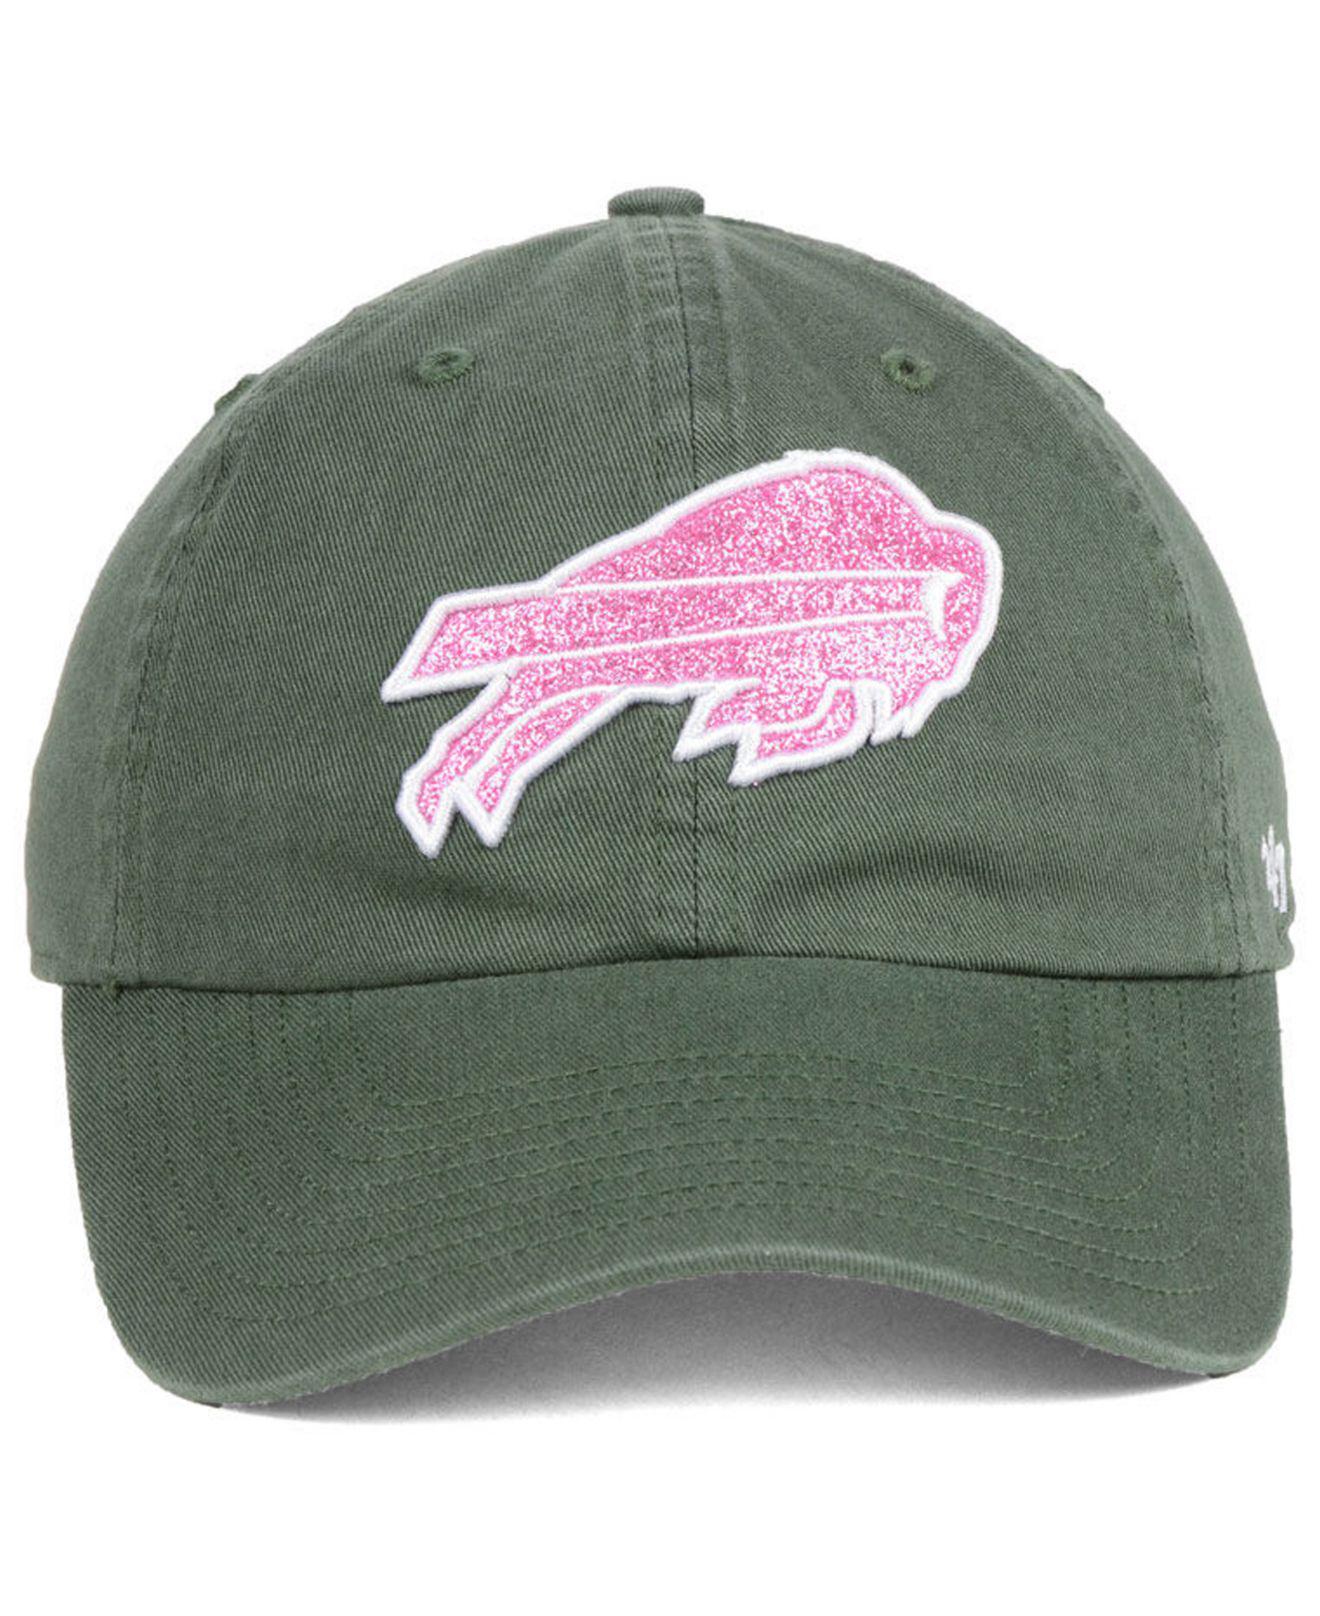 e24d6cd66 Lyst - 47 Brand Buffalo Bills Moss Glitta Clean Up Cap in Green